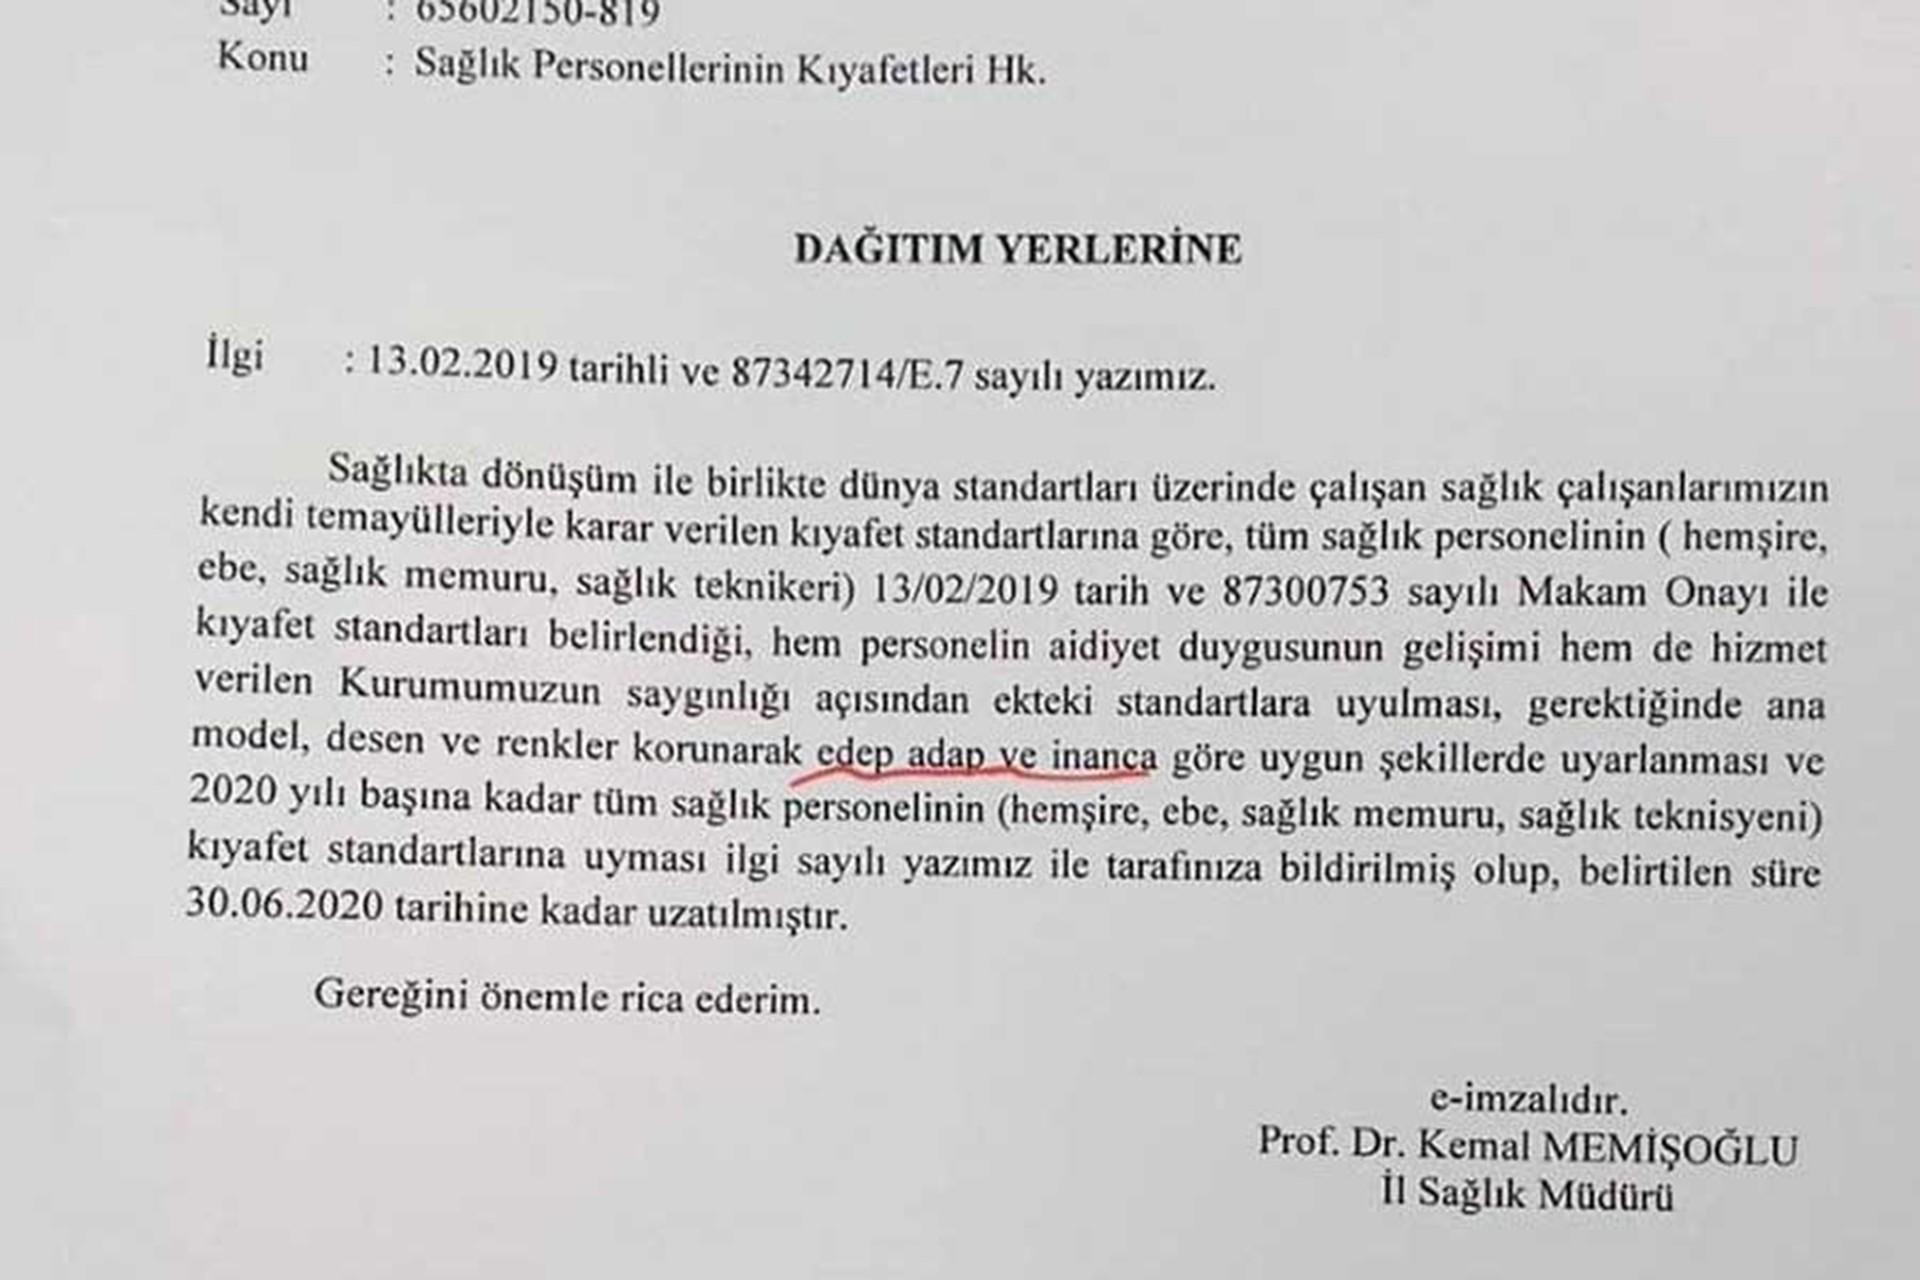 Sağlık Müdürlüğünce kurumlara gönderilen kıyafet yazısı